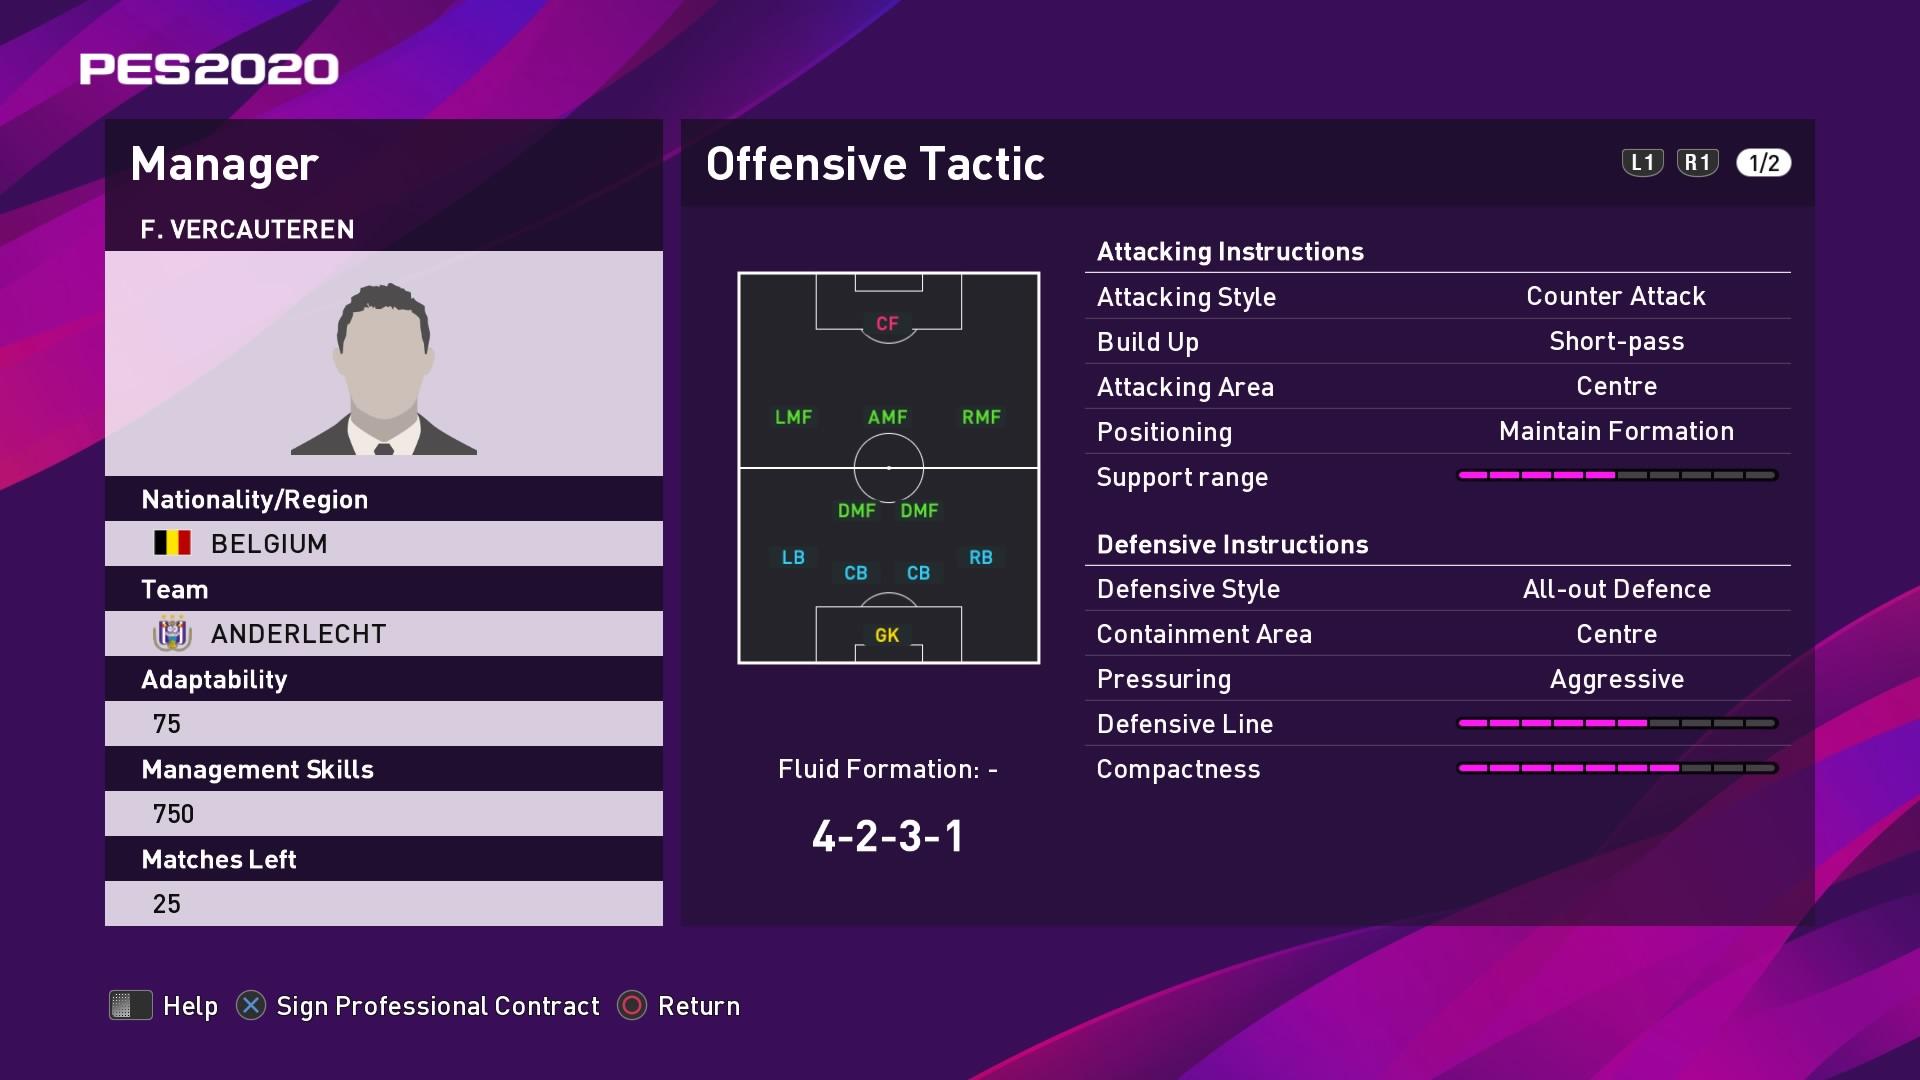 F. Vercauteren (Frank Vercauteren) Offensive Tactic in PES 2020 myClub